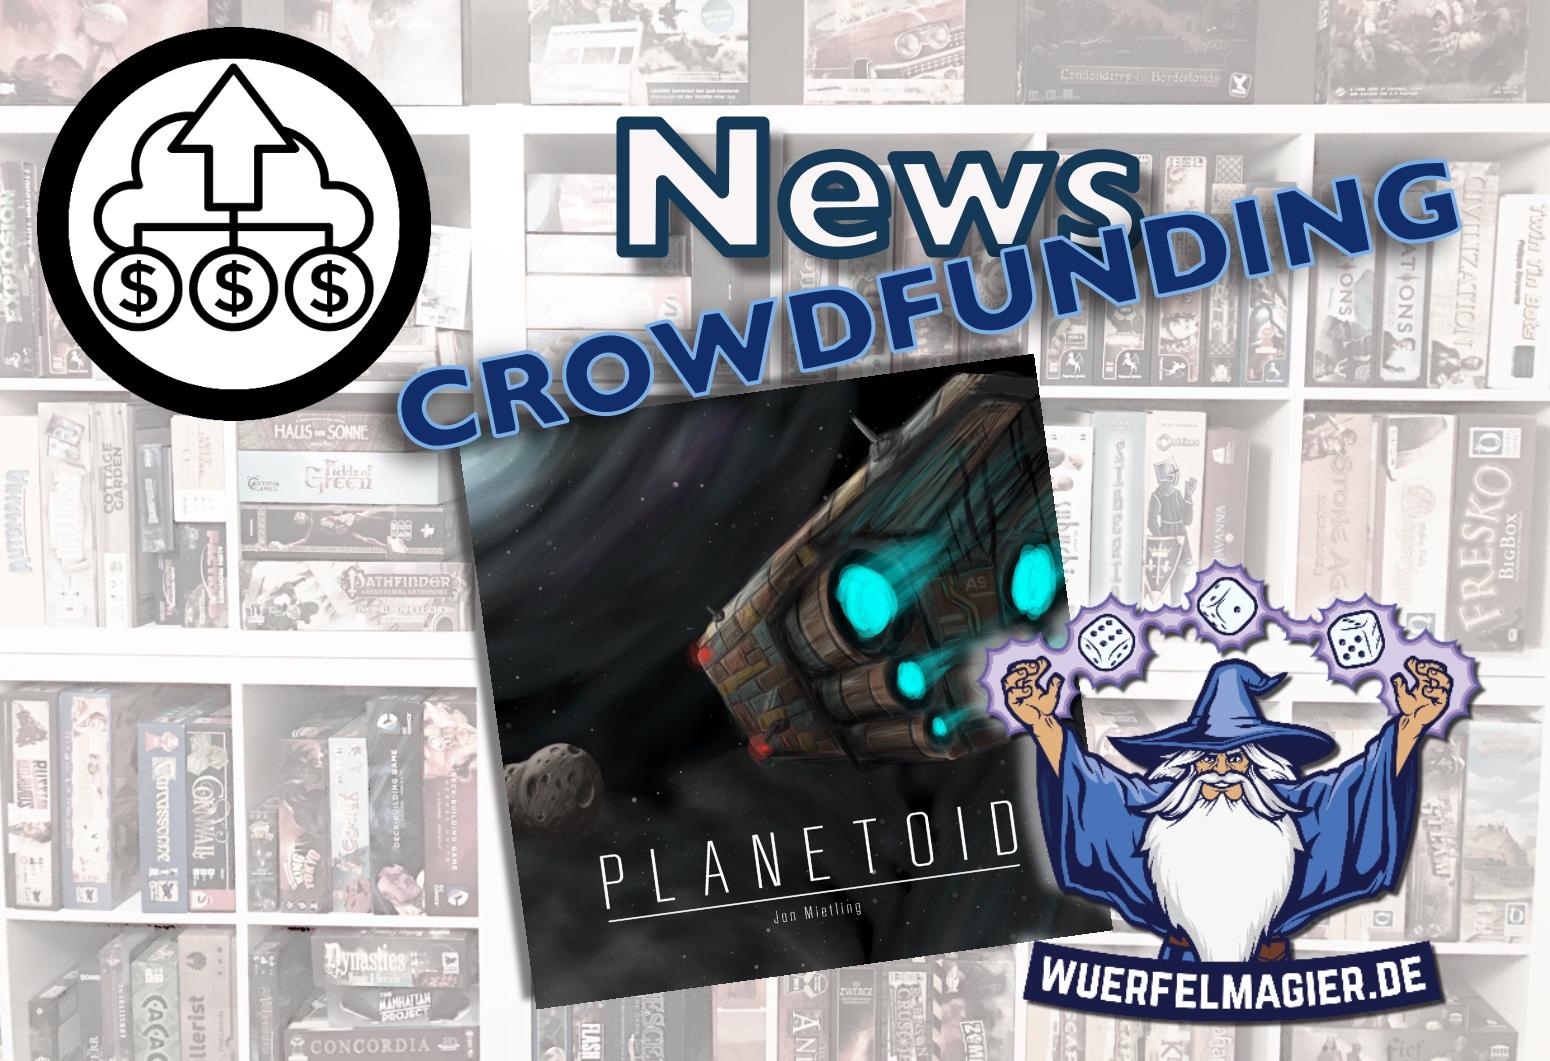 News Kickstarter Planetoid Wuerfelmagier Würfelmagier